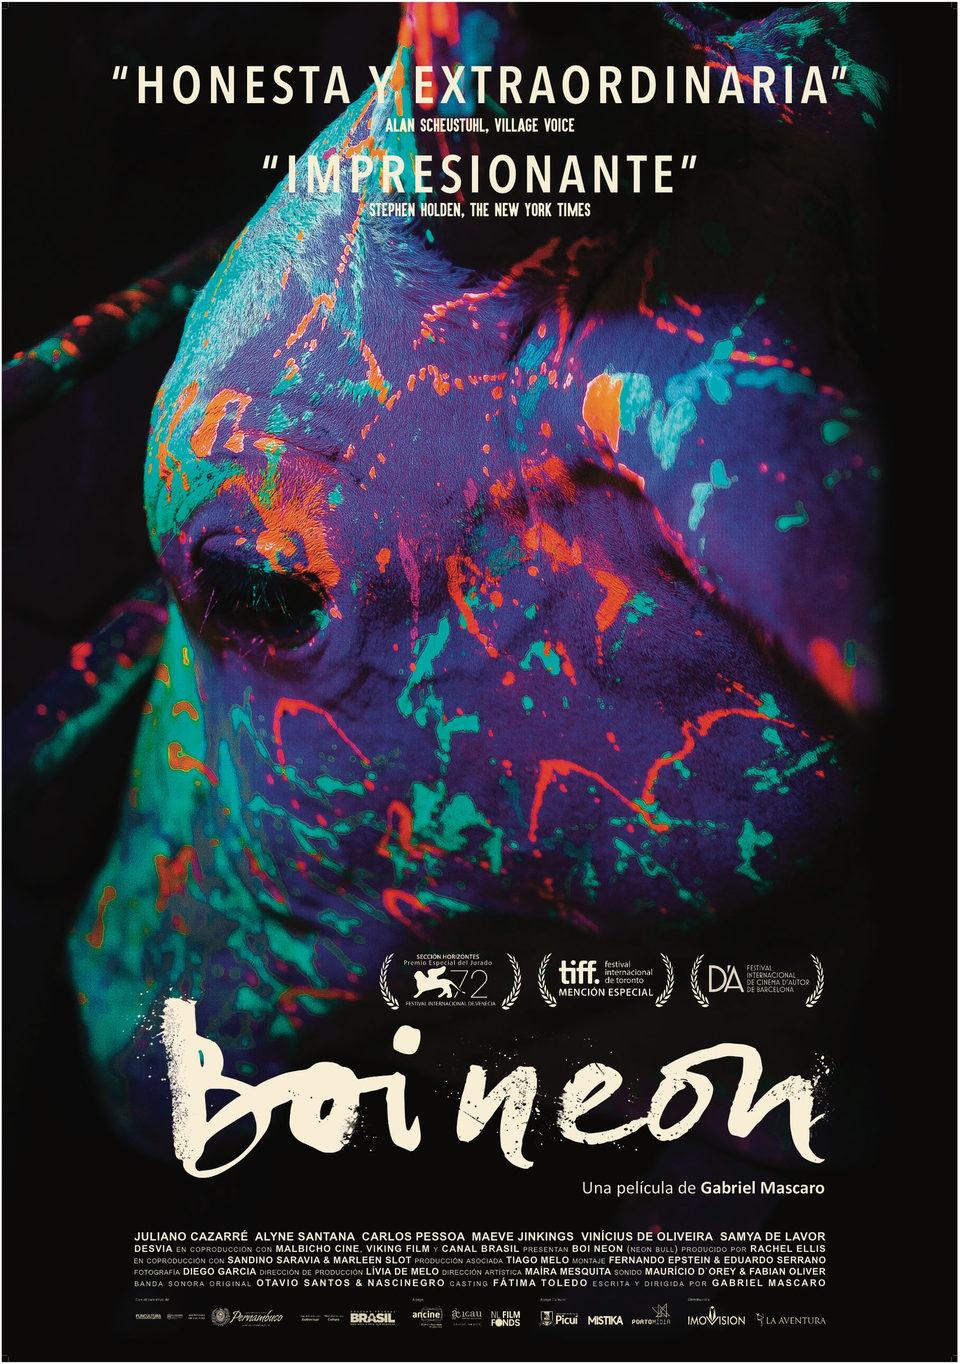 Cartel España de 'Boi Neon'